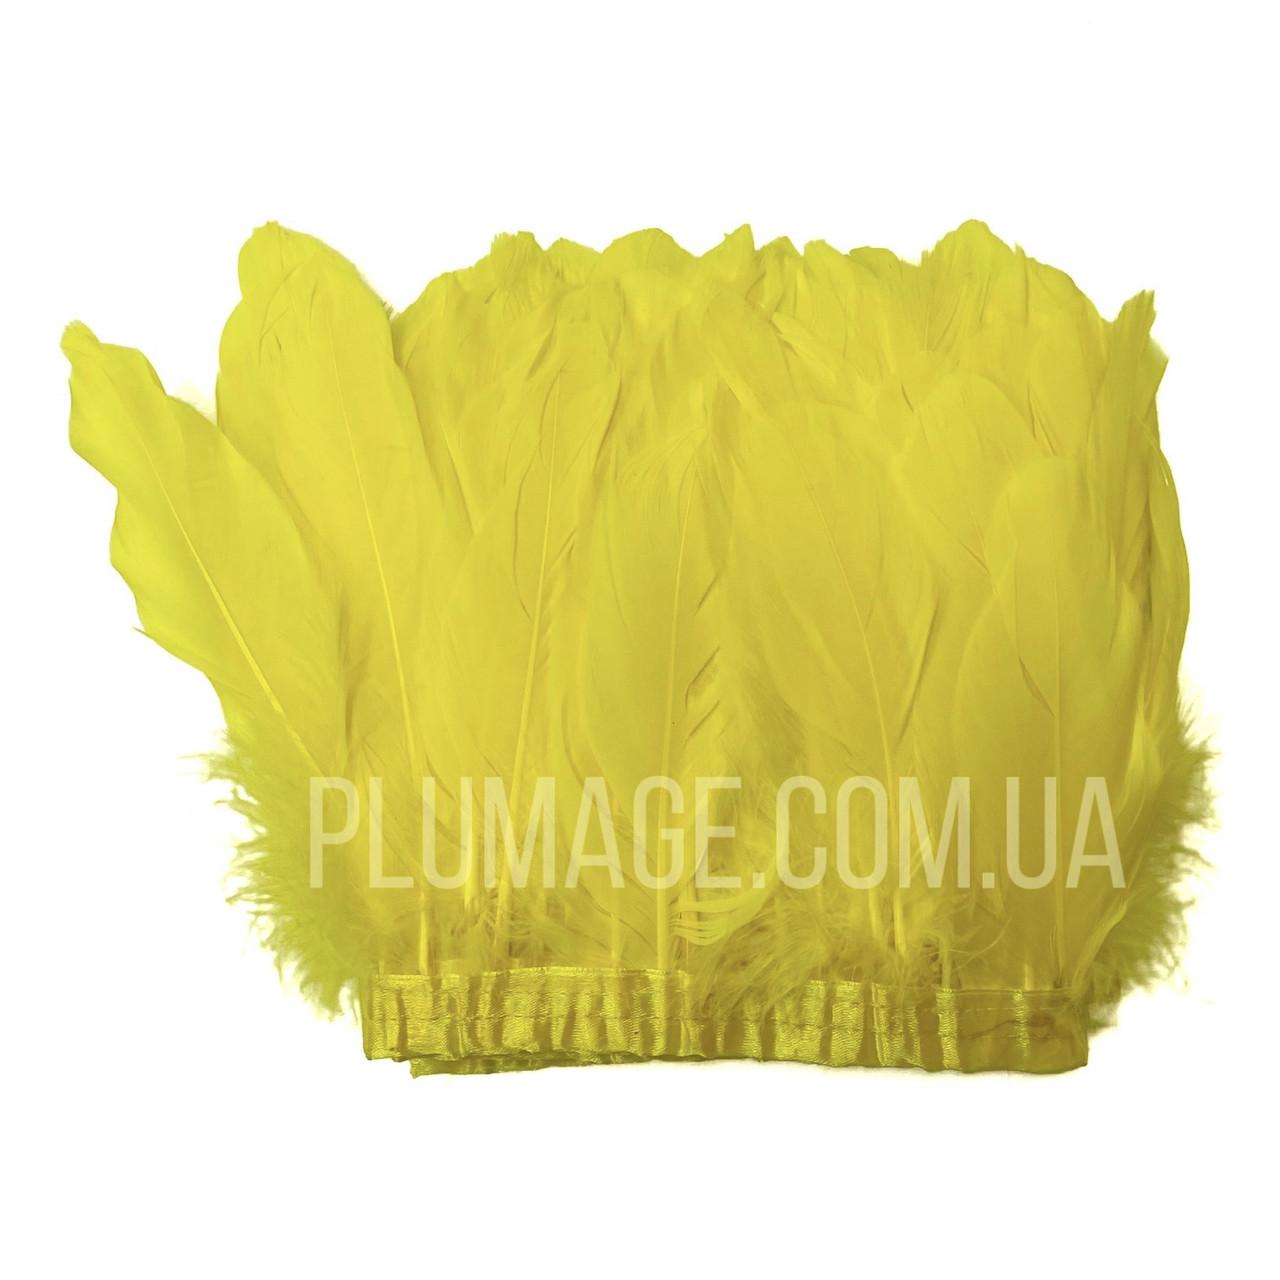 Перьевая тесьма из гусиных перьев. Цвет желтый. Цена за 0,5 м